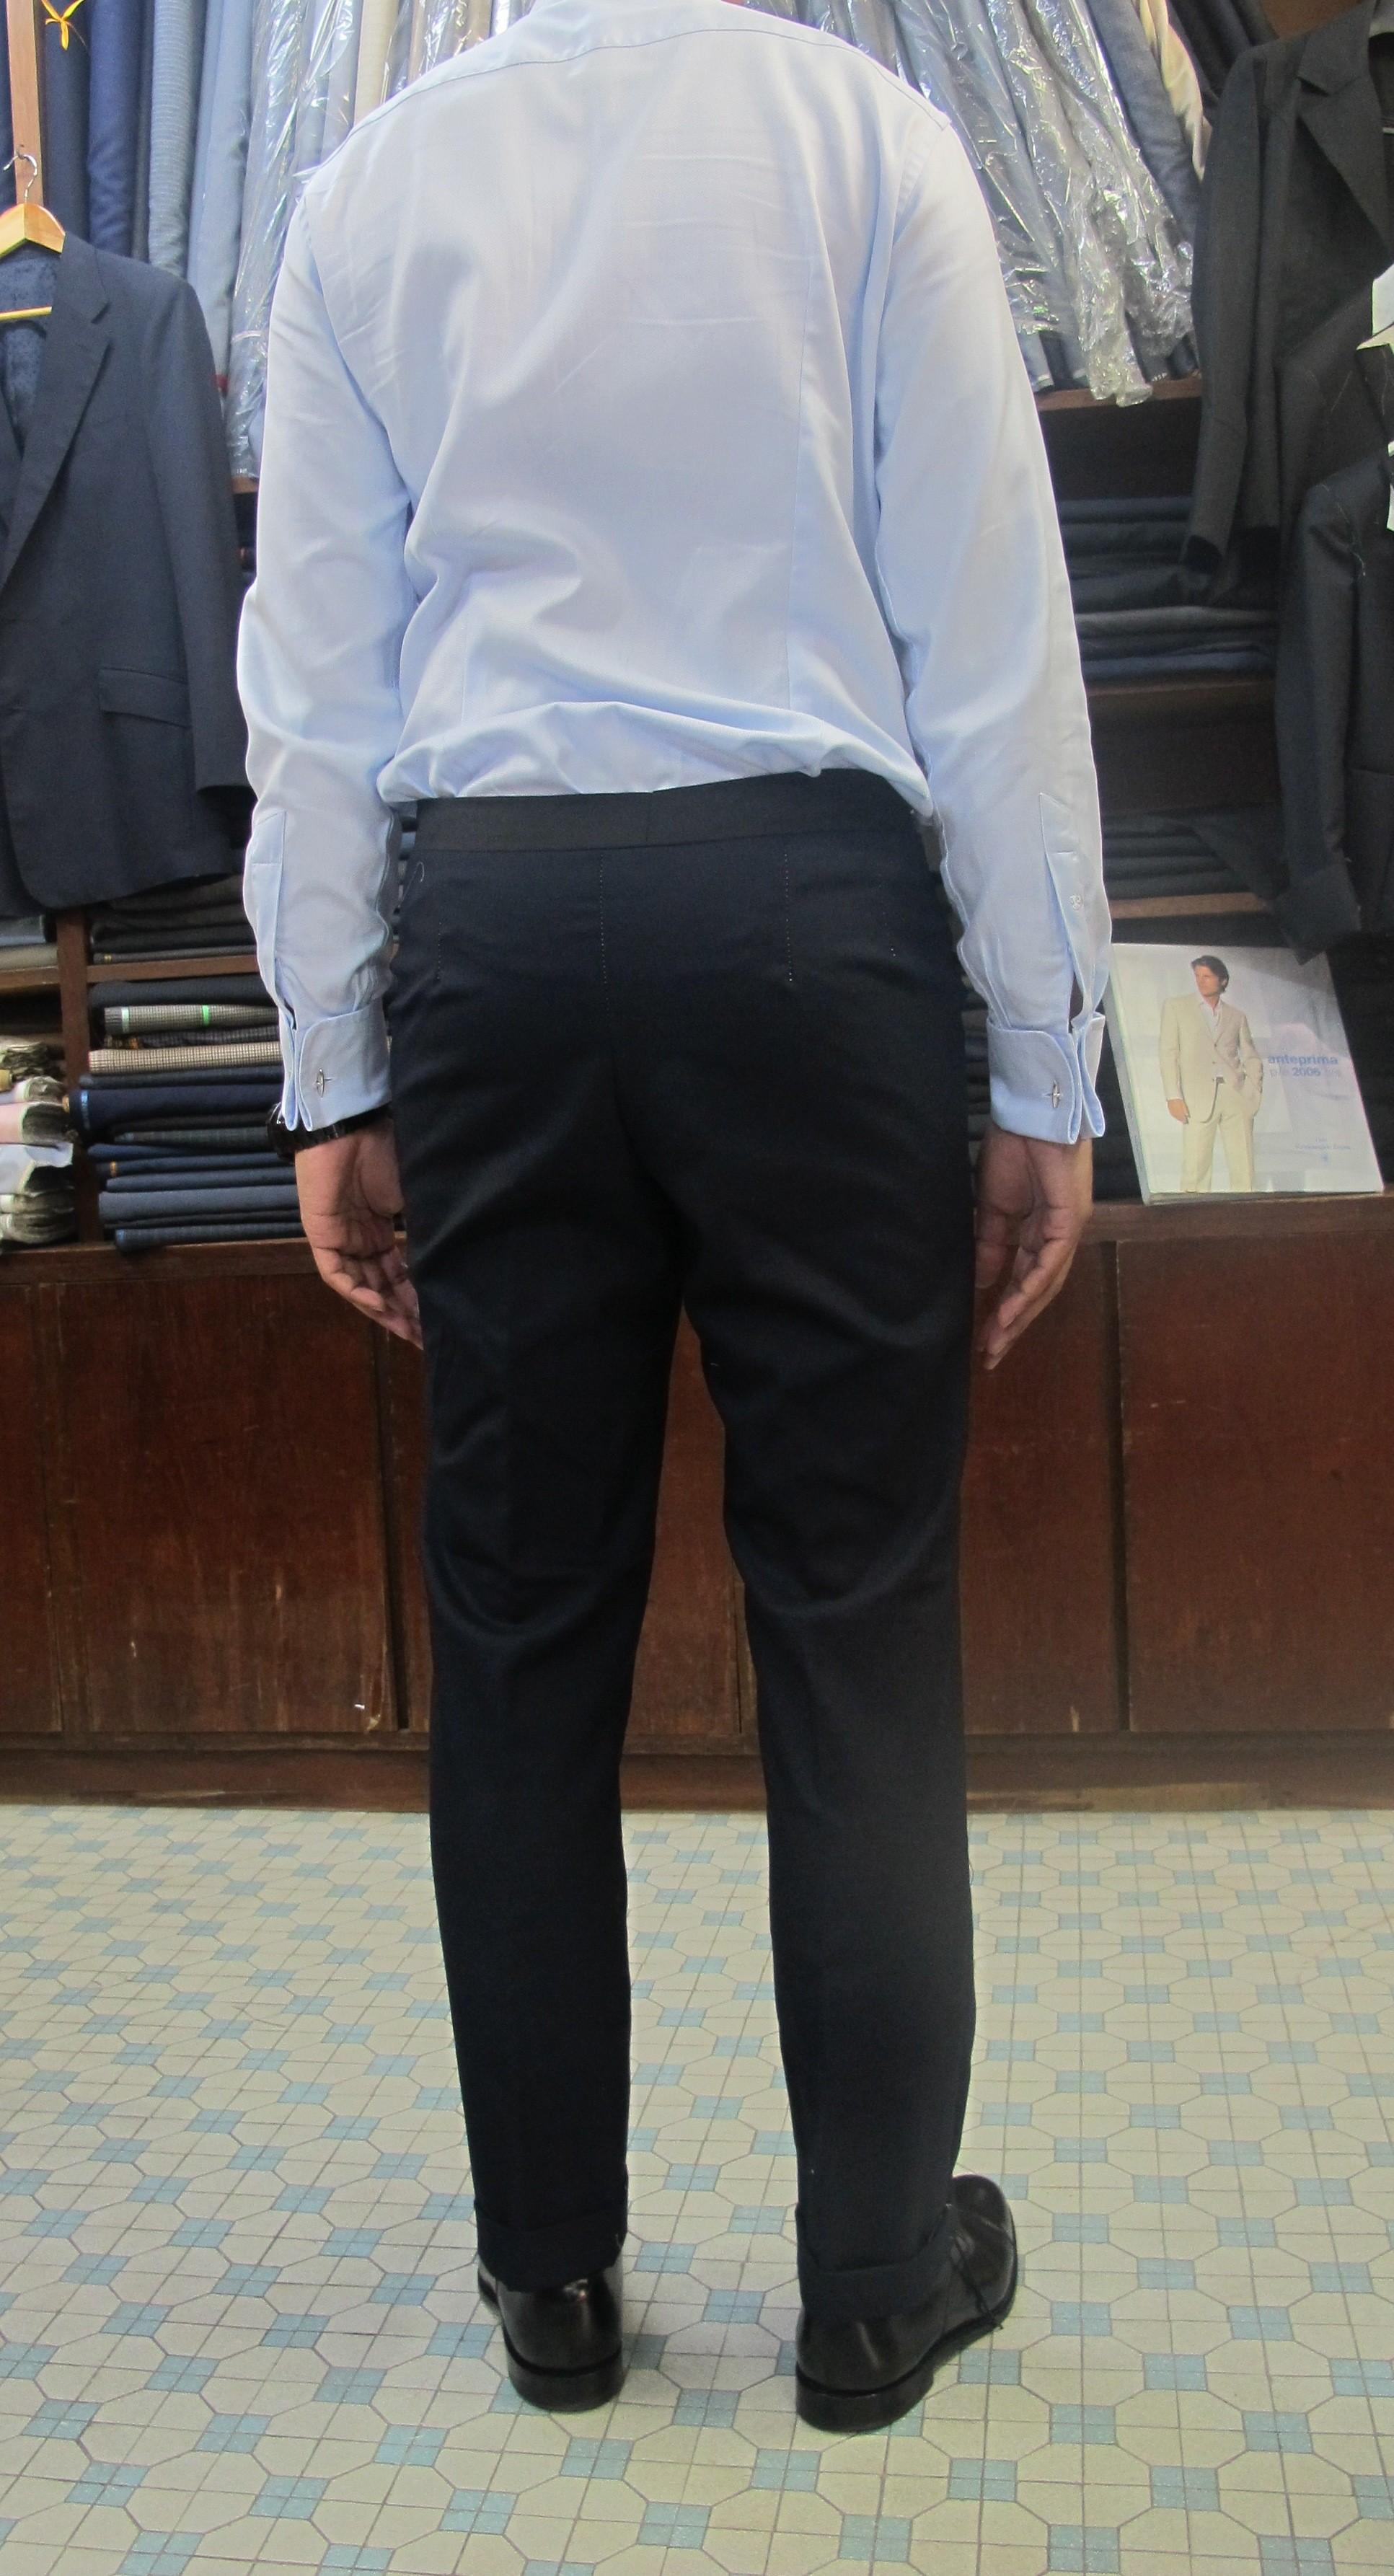 back (pants)